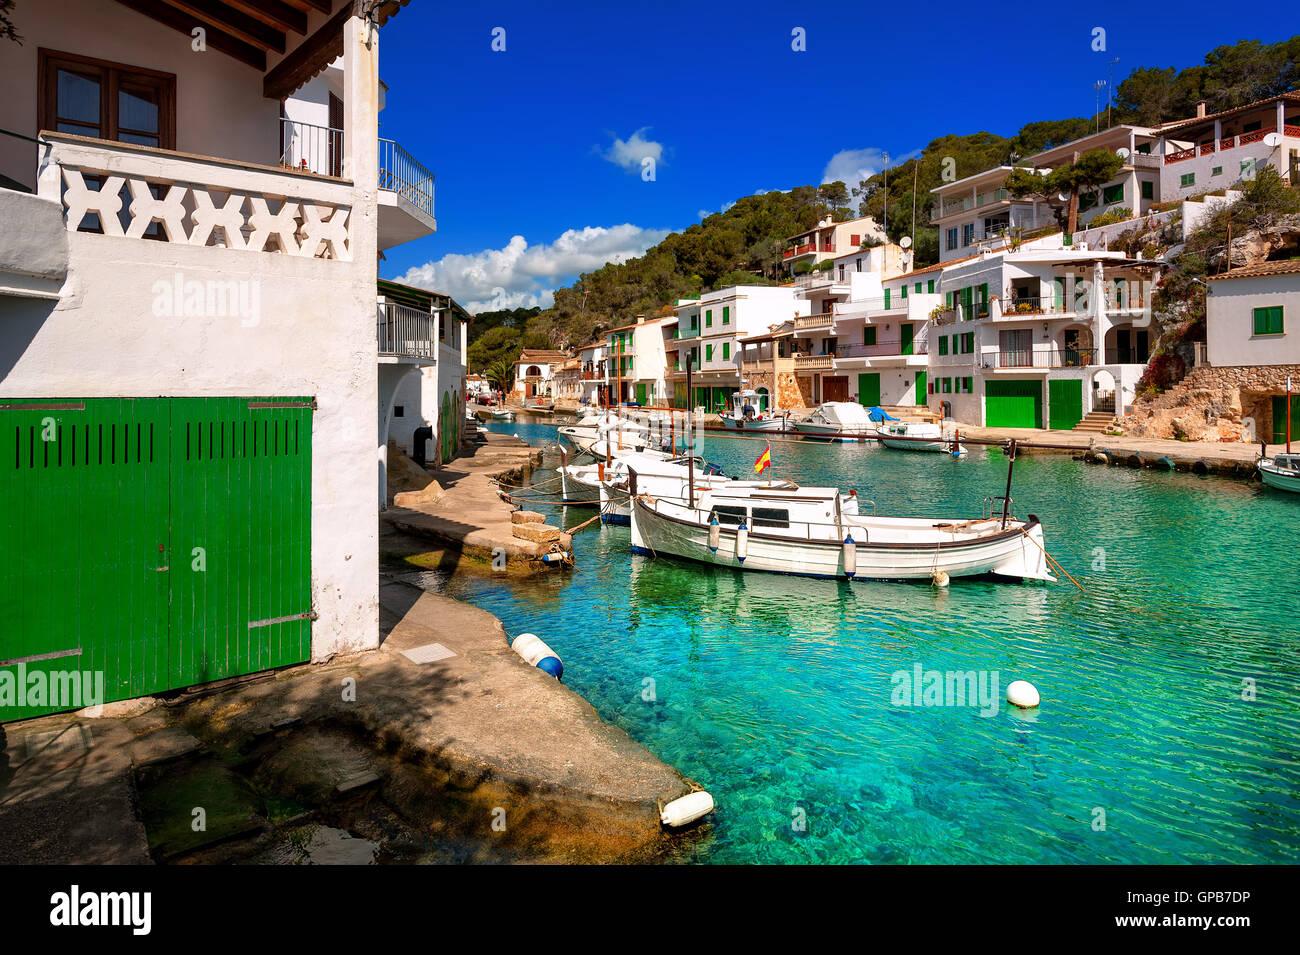 Villas blancas y barcos en agua verde en la pintoresca aldea de pescadores de Cala Figuera, el Mar Mediterráneo, Imagen De Stock